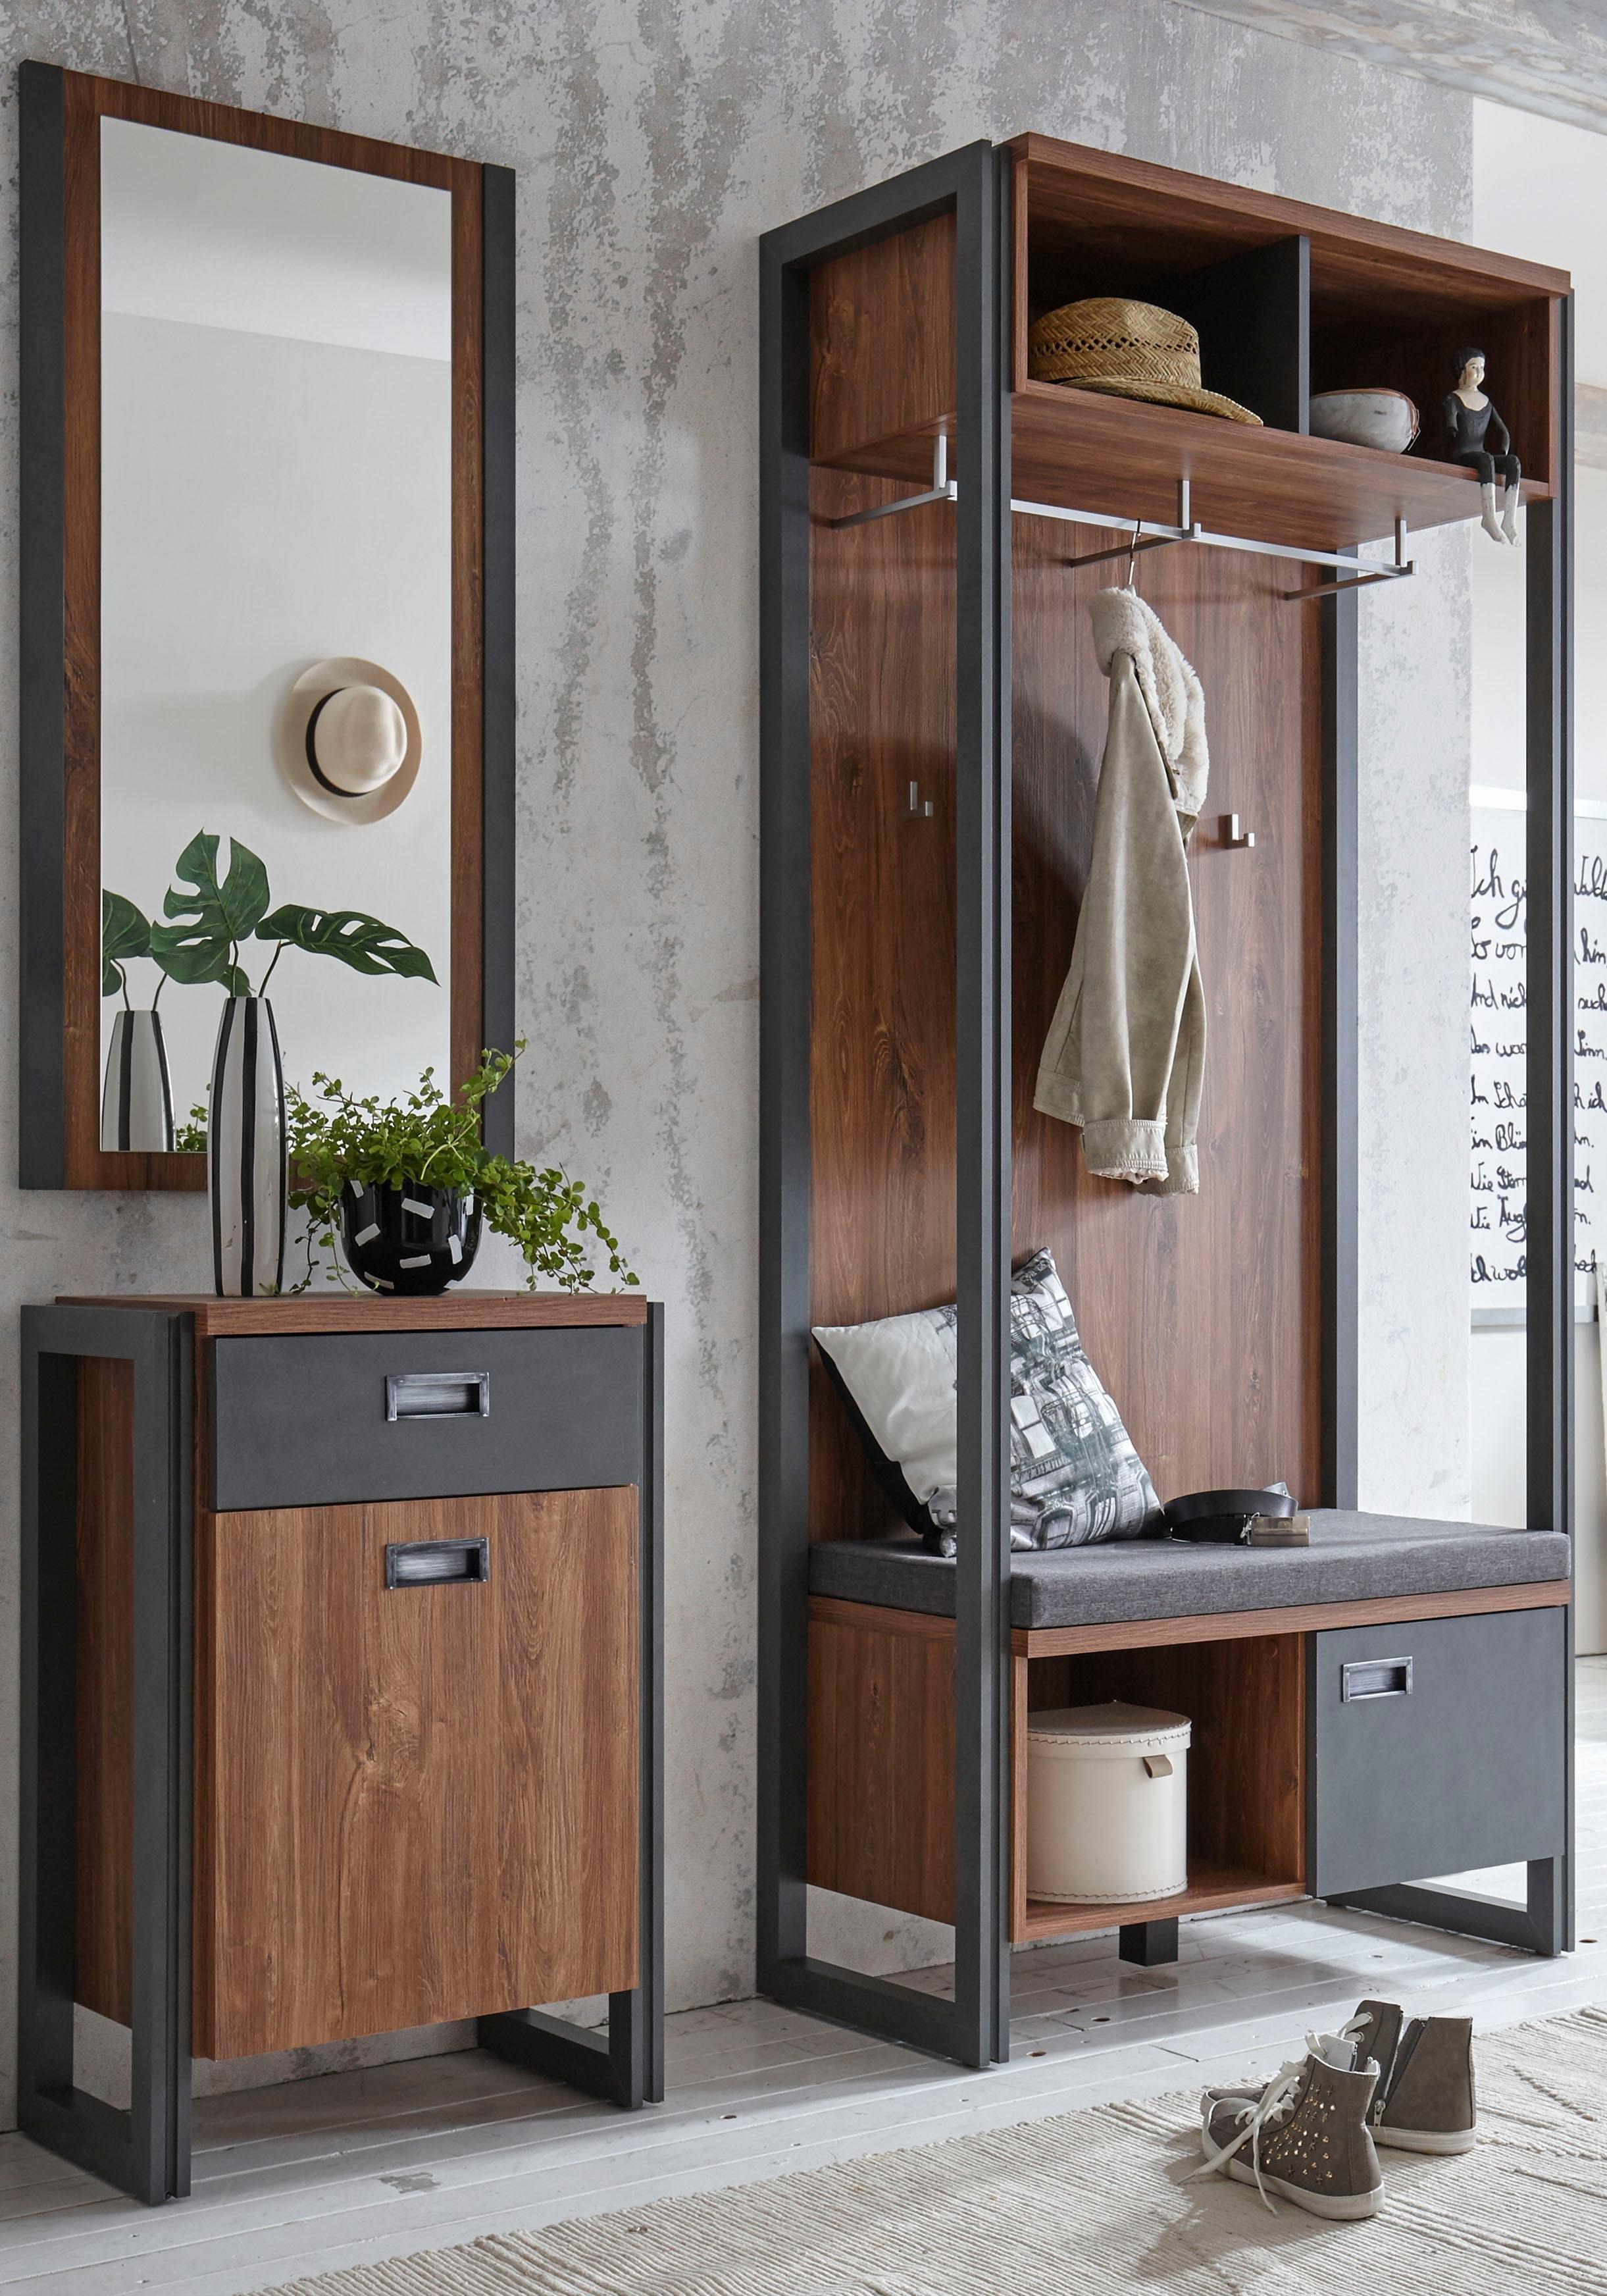 Frische Idee Zu Home Affaire Deko Bestand An Wohndesign Dekor